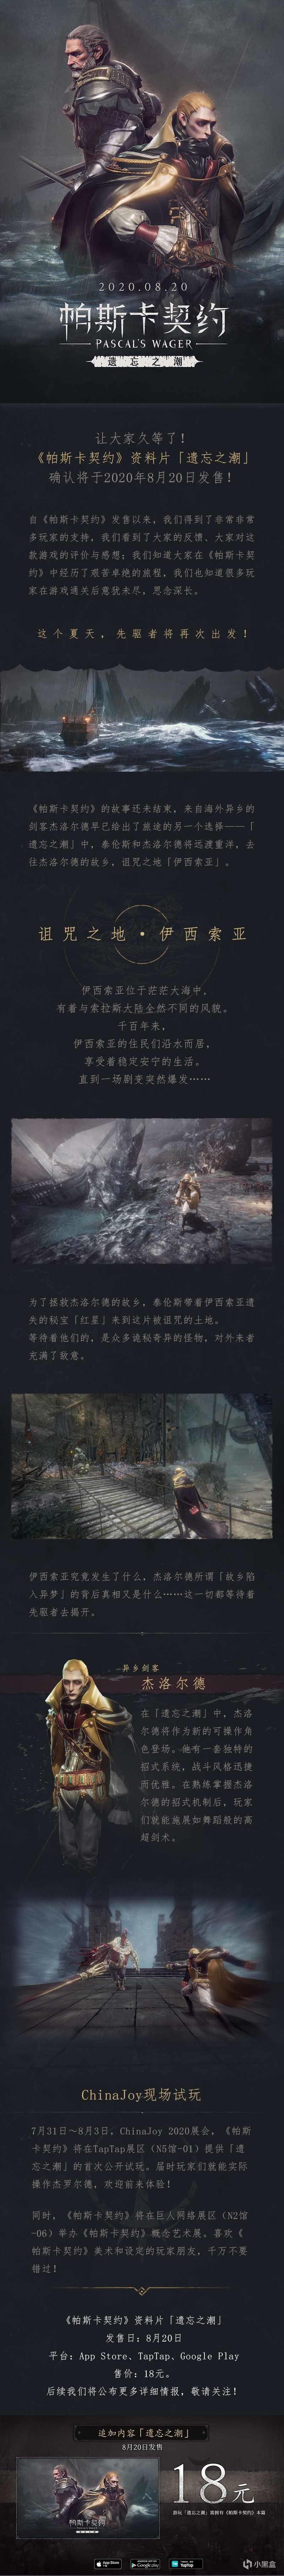 《帕斯卡契约》资料片「遗忘之潮」8月20日发售!ChinaJoy现场开放试玩!